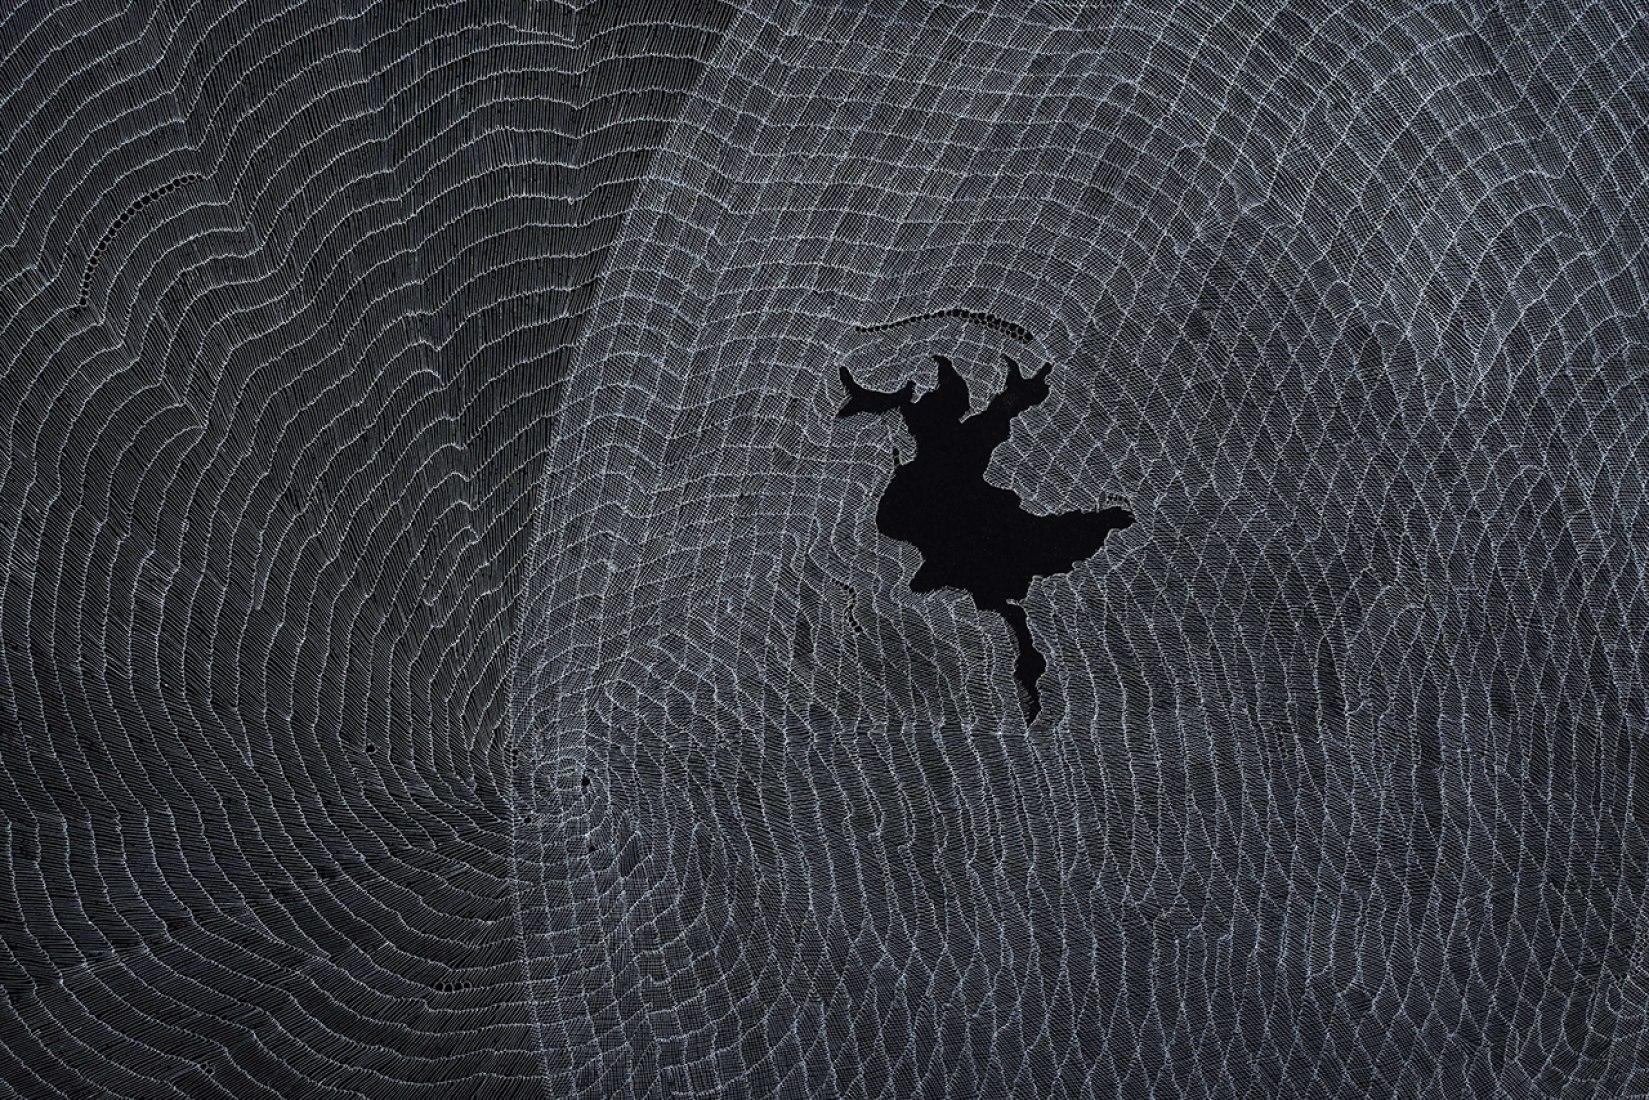 Detalle de Breath of The Compassionate IV, 2014. Tinta de archivo sobre papel wasli. 216x122 cm. Única. Cortesía de Sabrina Amrani Gallery y el artista.